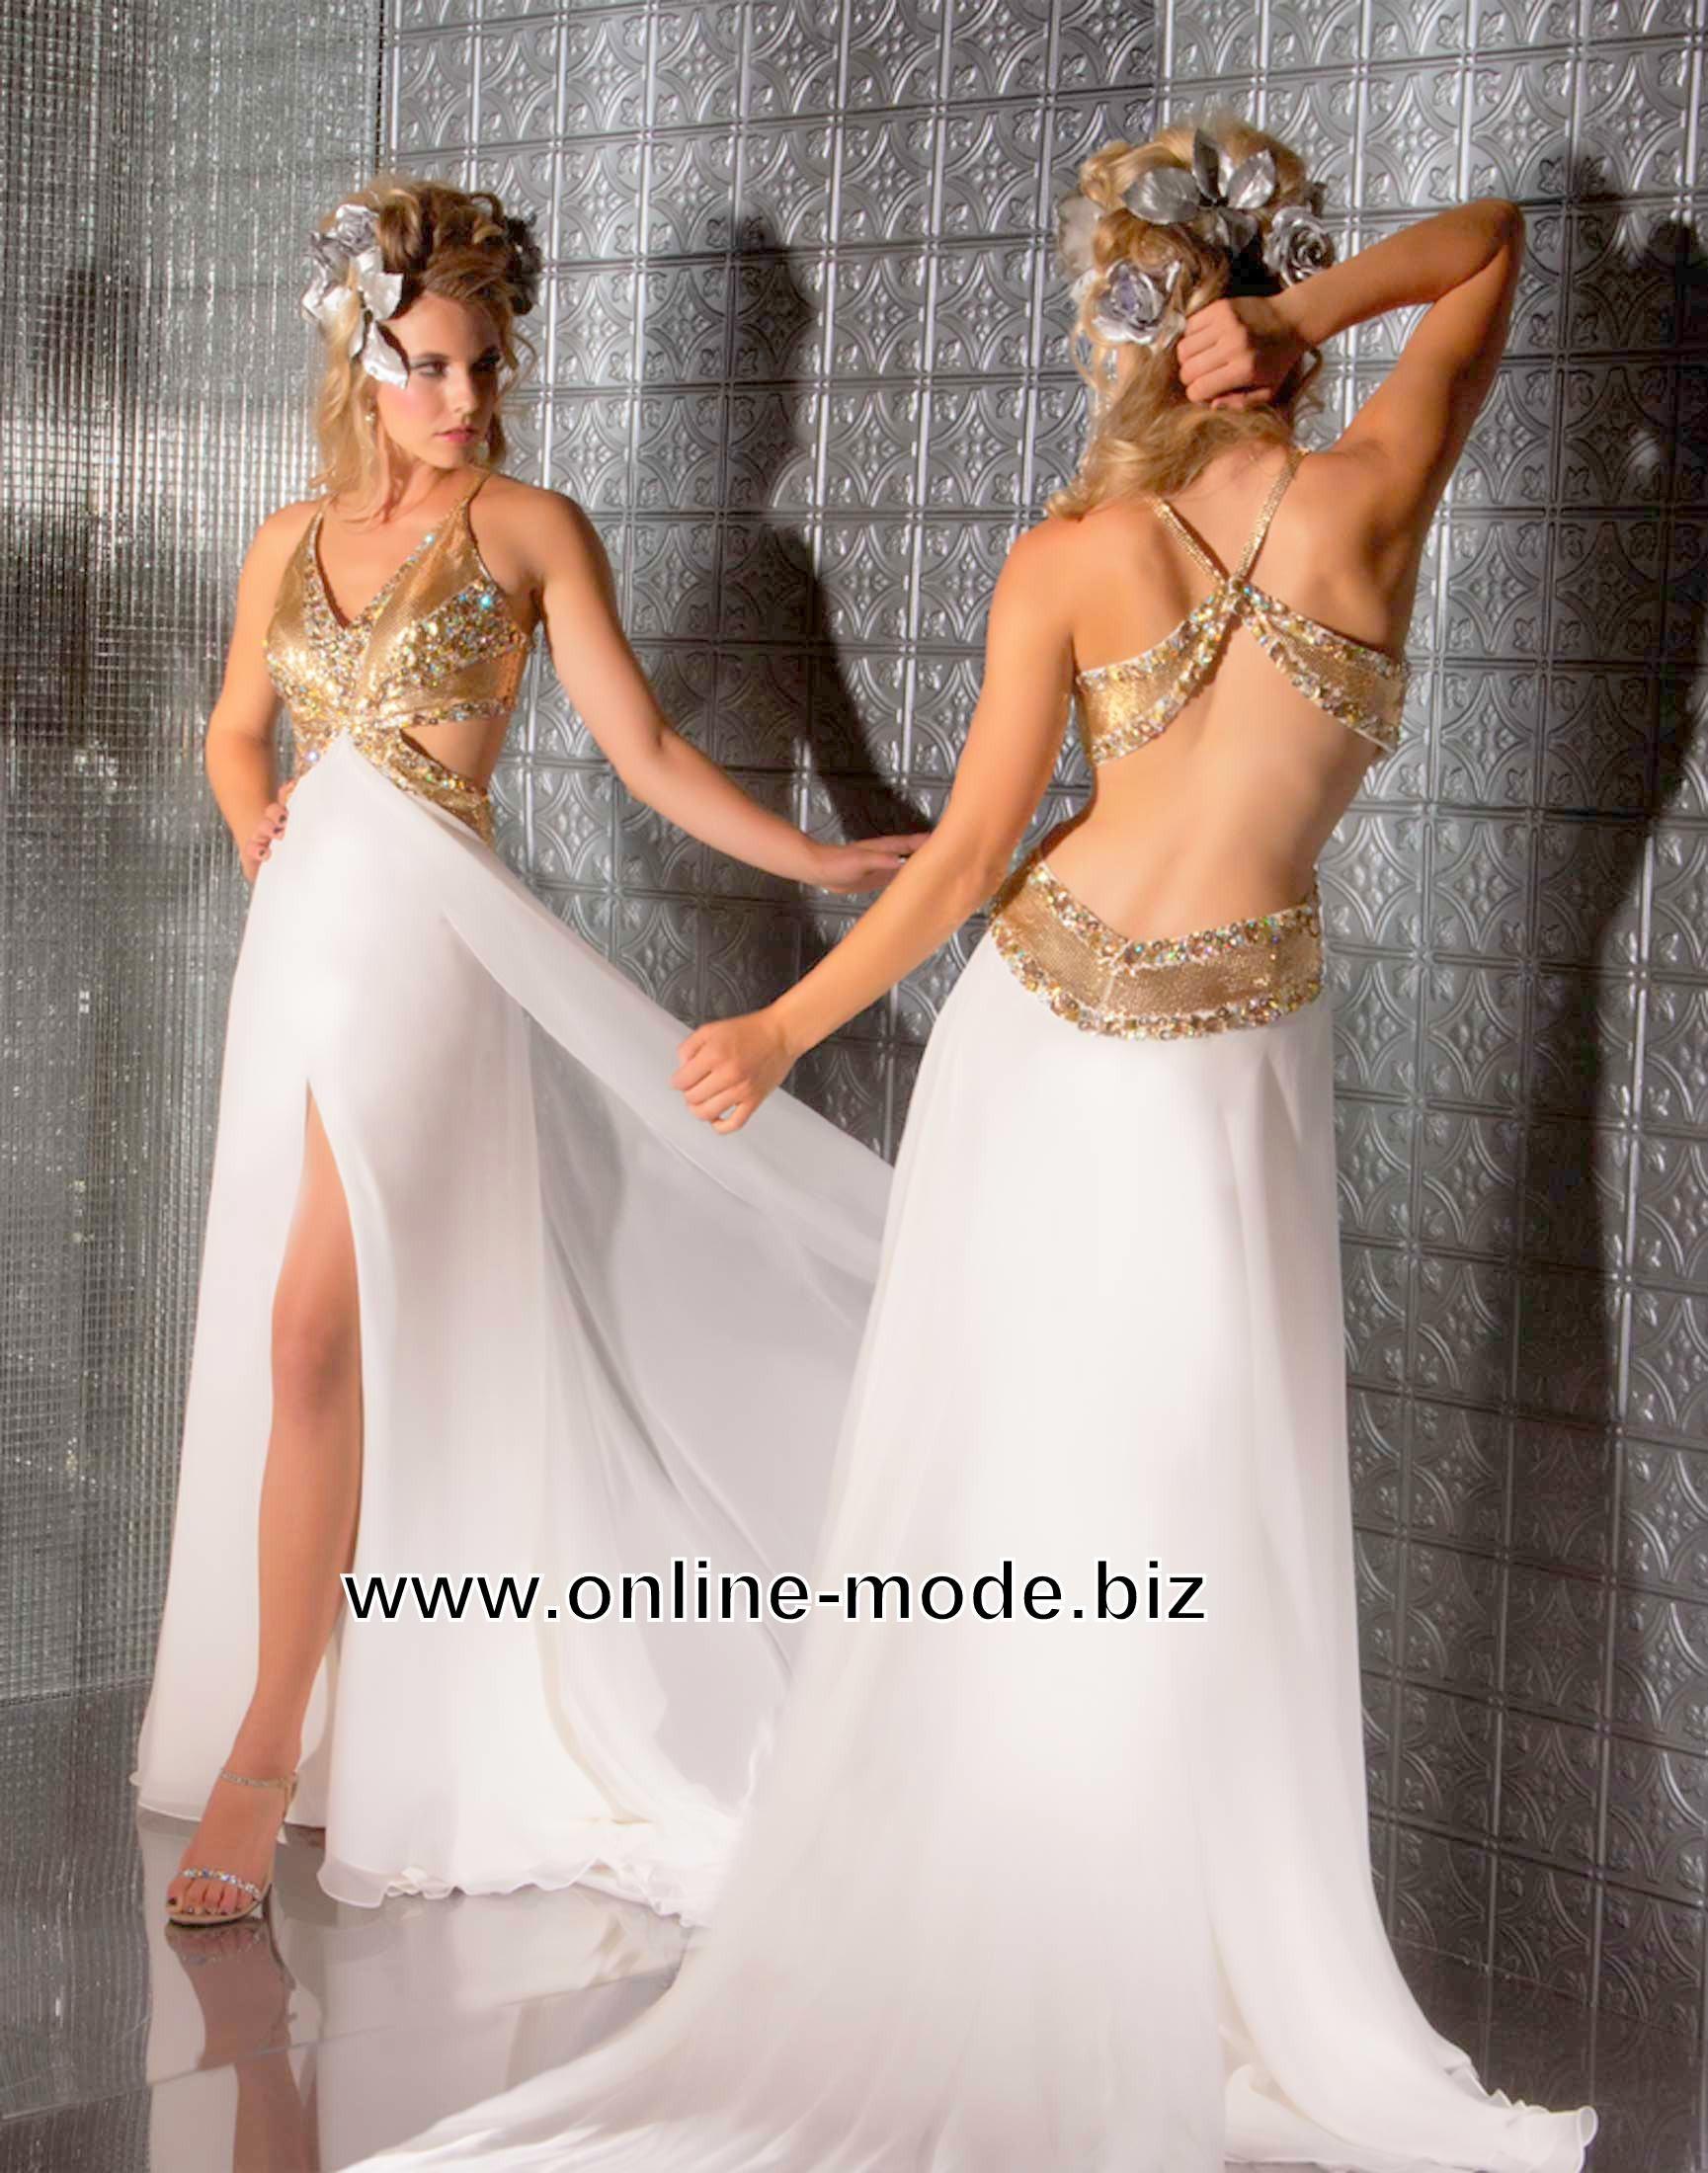 15 Luxurius Abend Kleid In Weiss Galerie15 Schön Abend Kleid In Weiss Ärmel